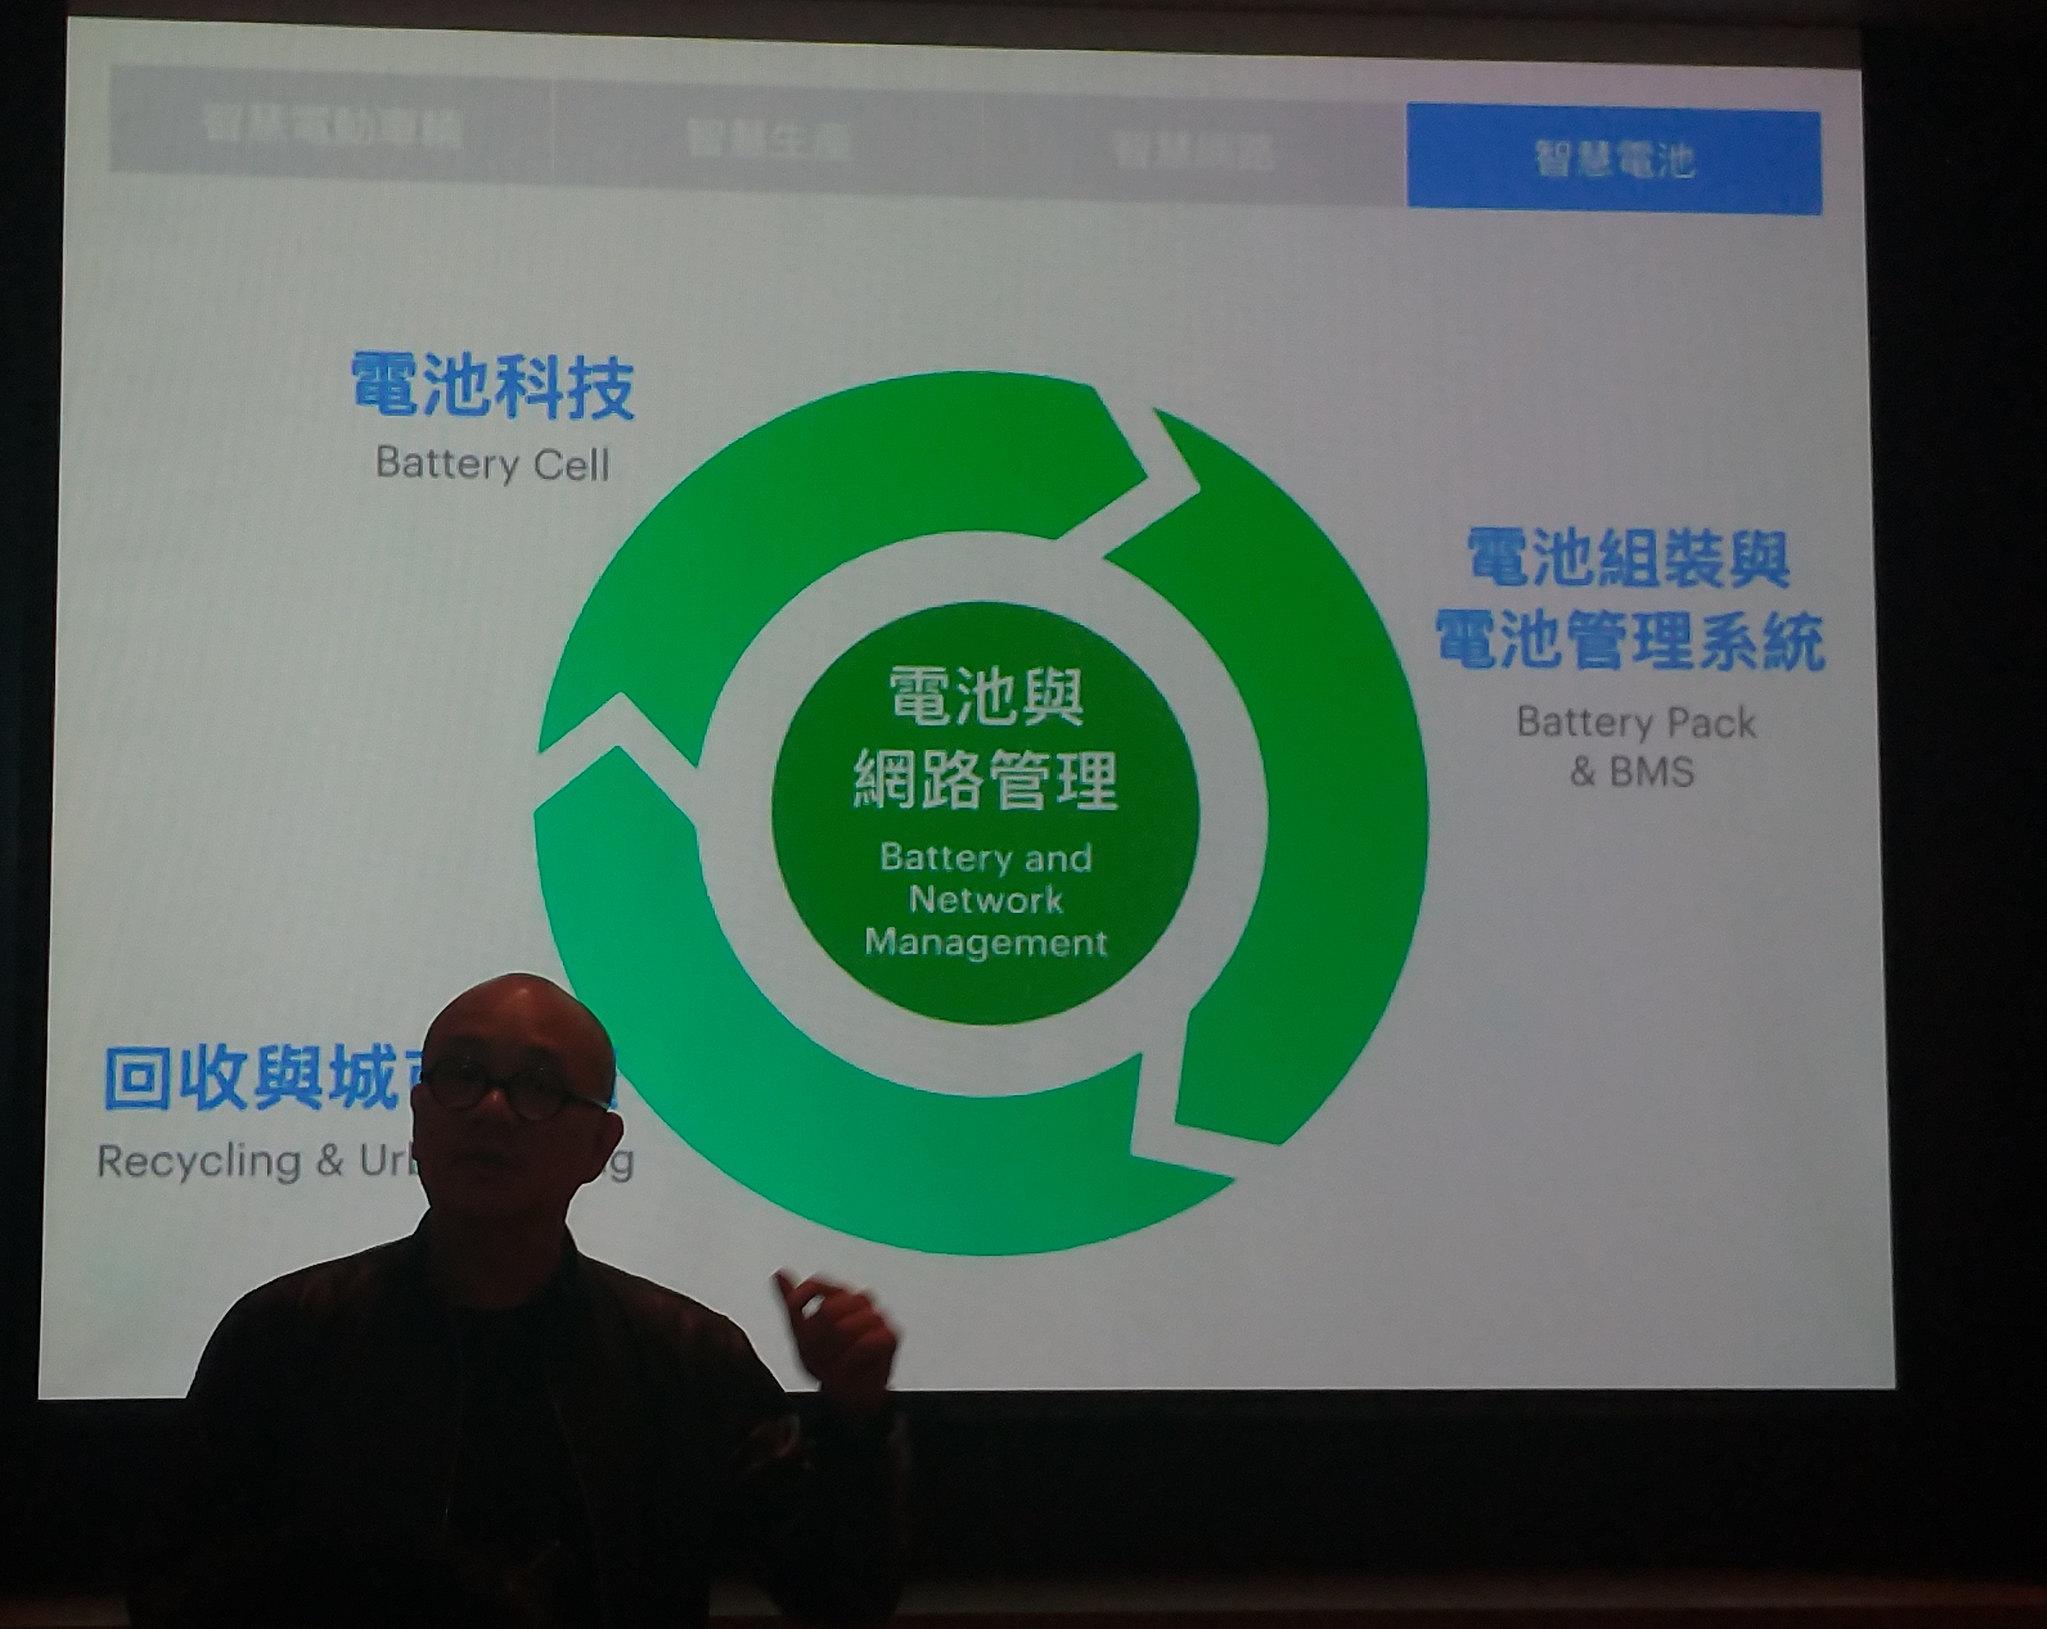 陸學森表示,Gogoro將著眼電池回收技術的發展。孫文臨攝